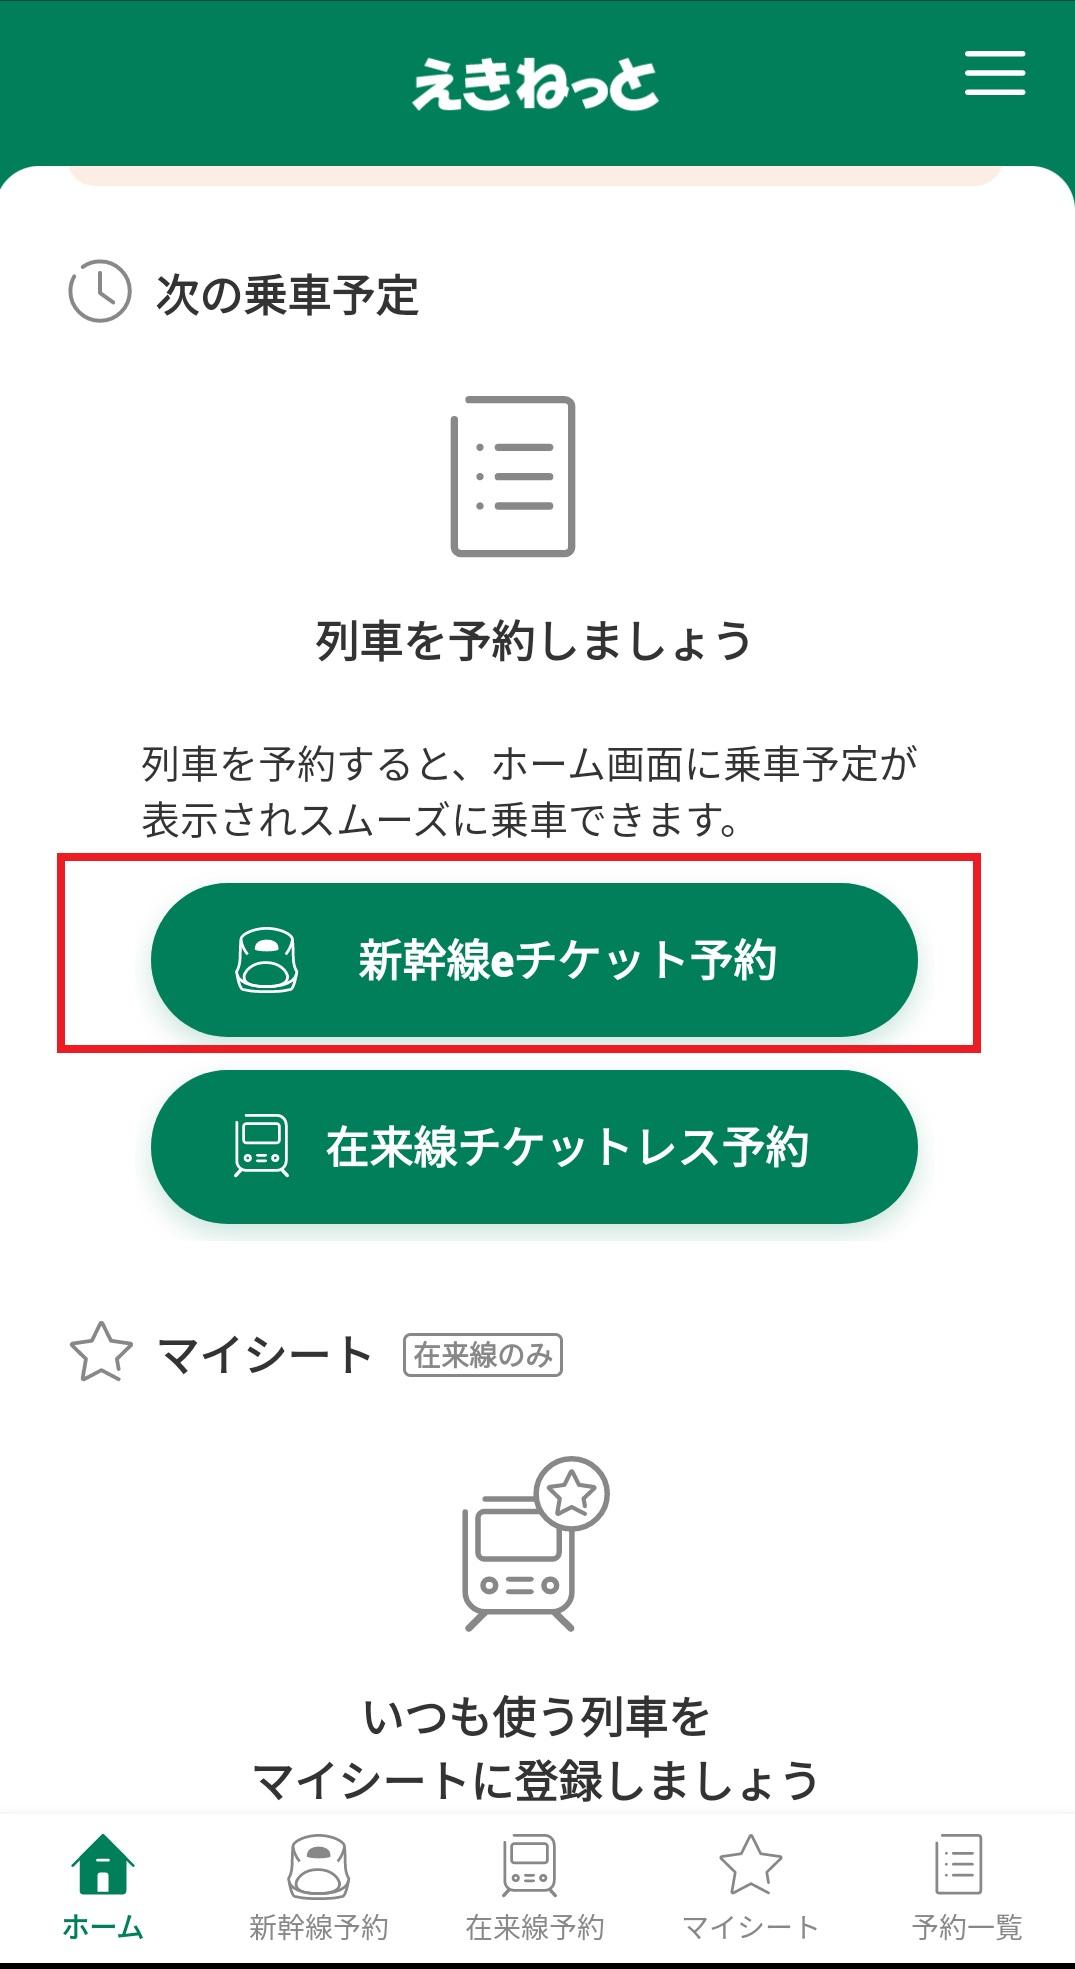 えきねっとアプリ「新幹線eチケット予約」